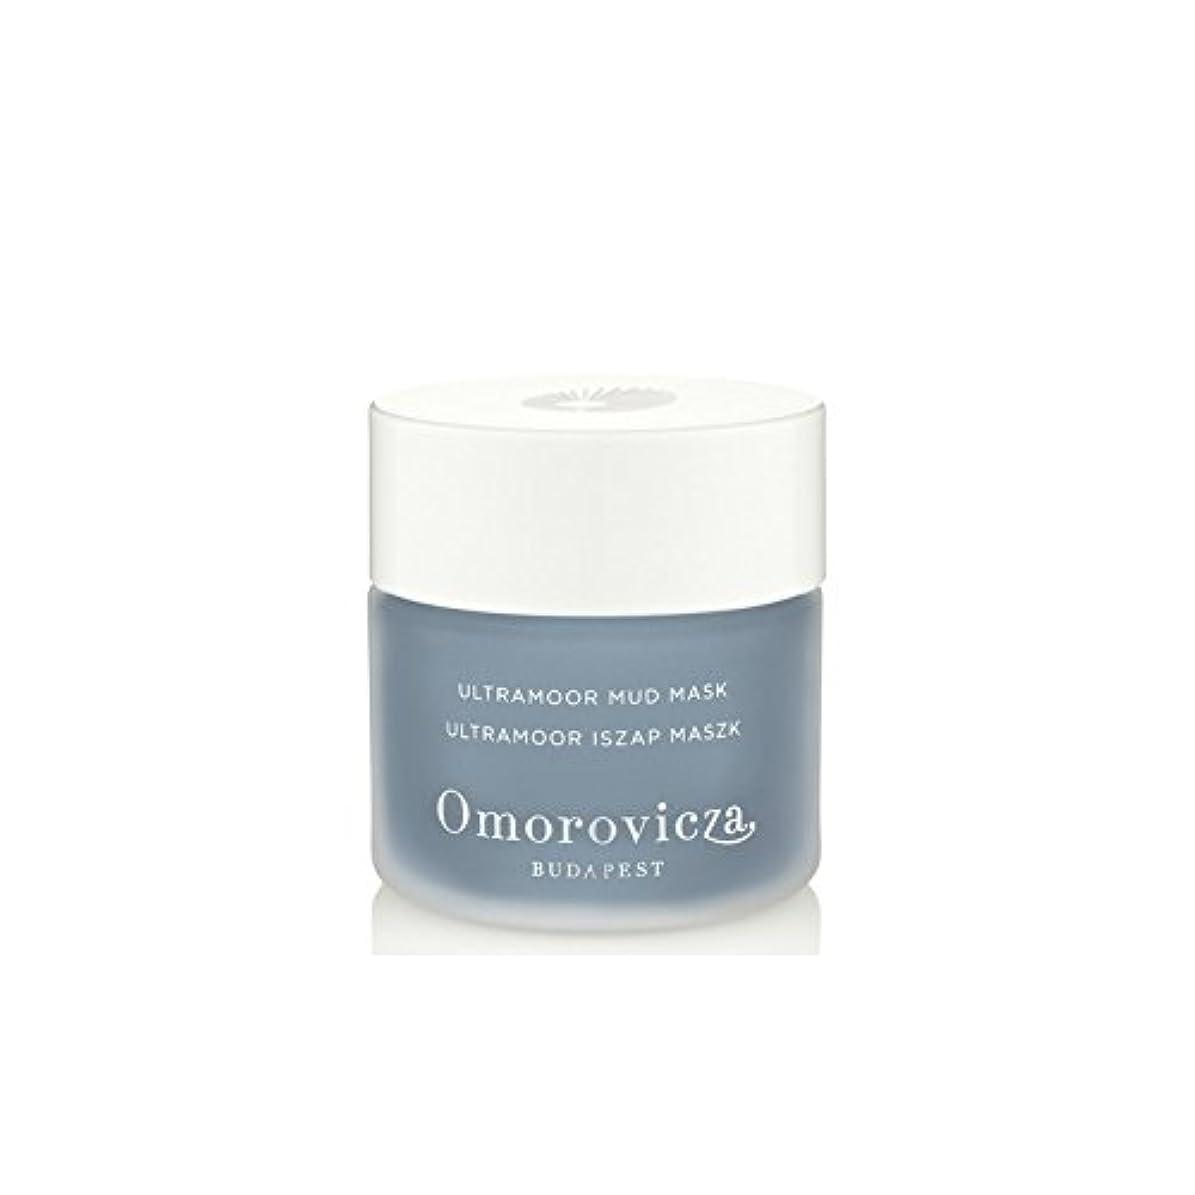 メロドラマ植木穀物泥マスク(50ミリリットル) x4 - Omorovicza Ultramoor Mud Mask (50ml) (Pack of 4) [並行輸入品]